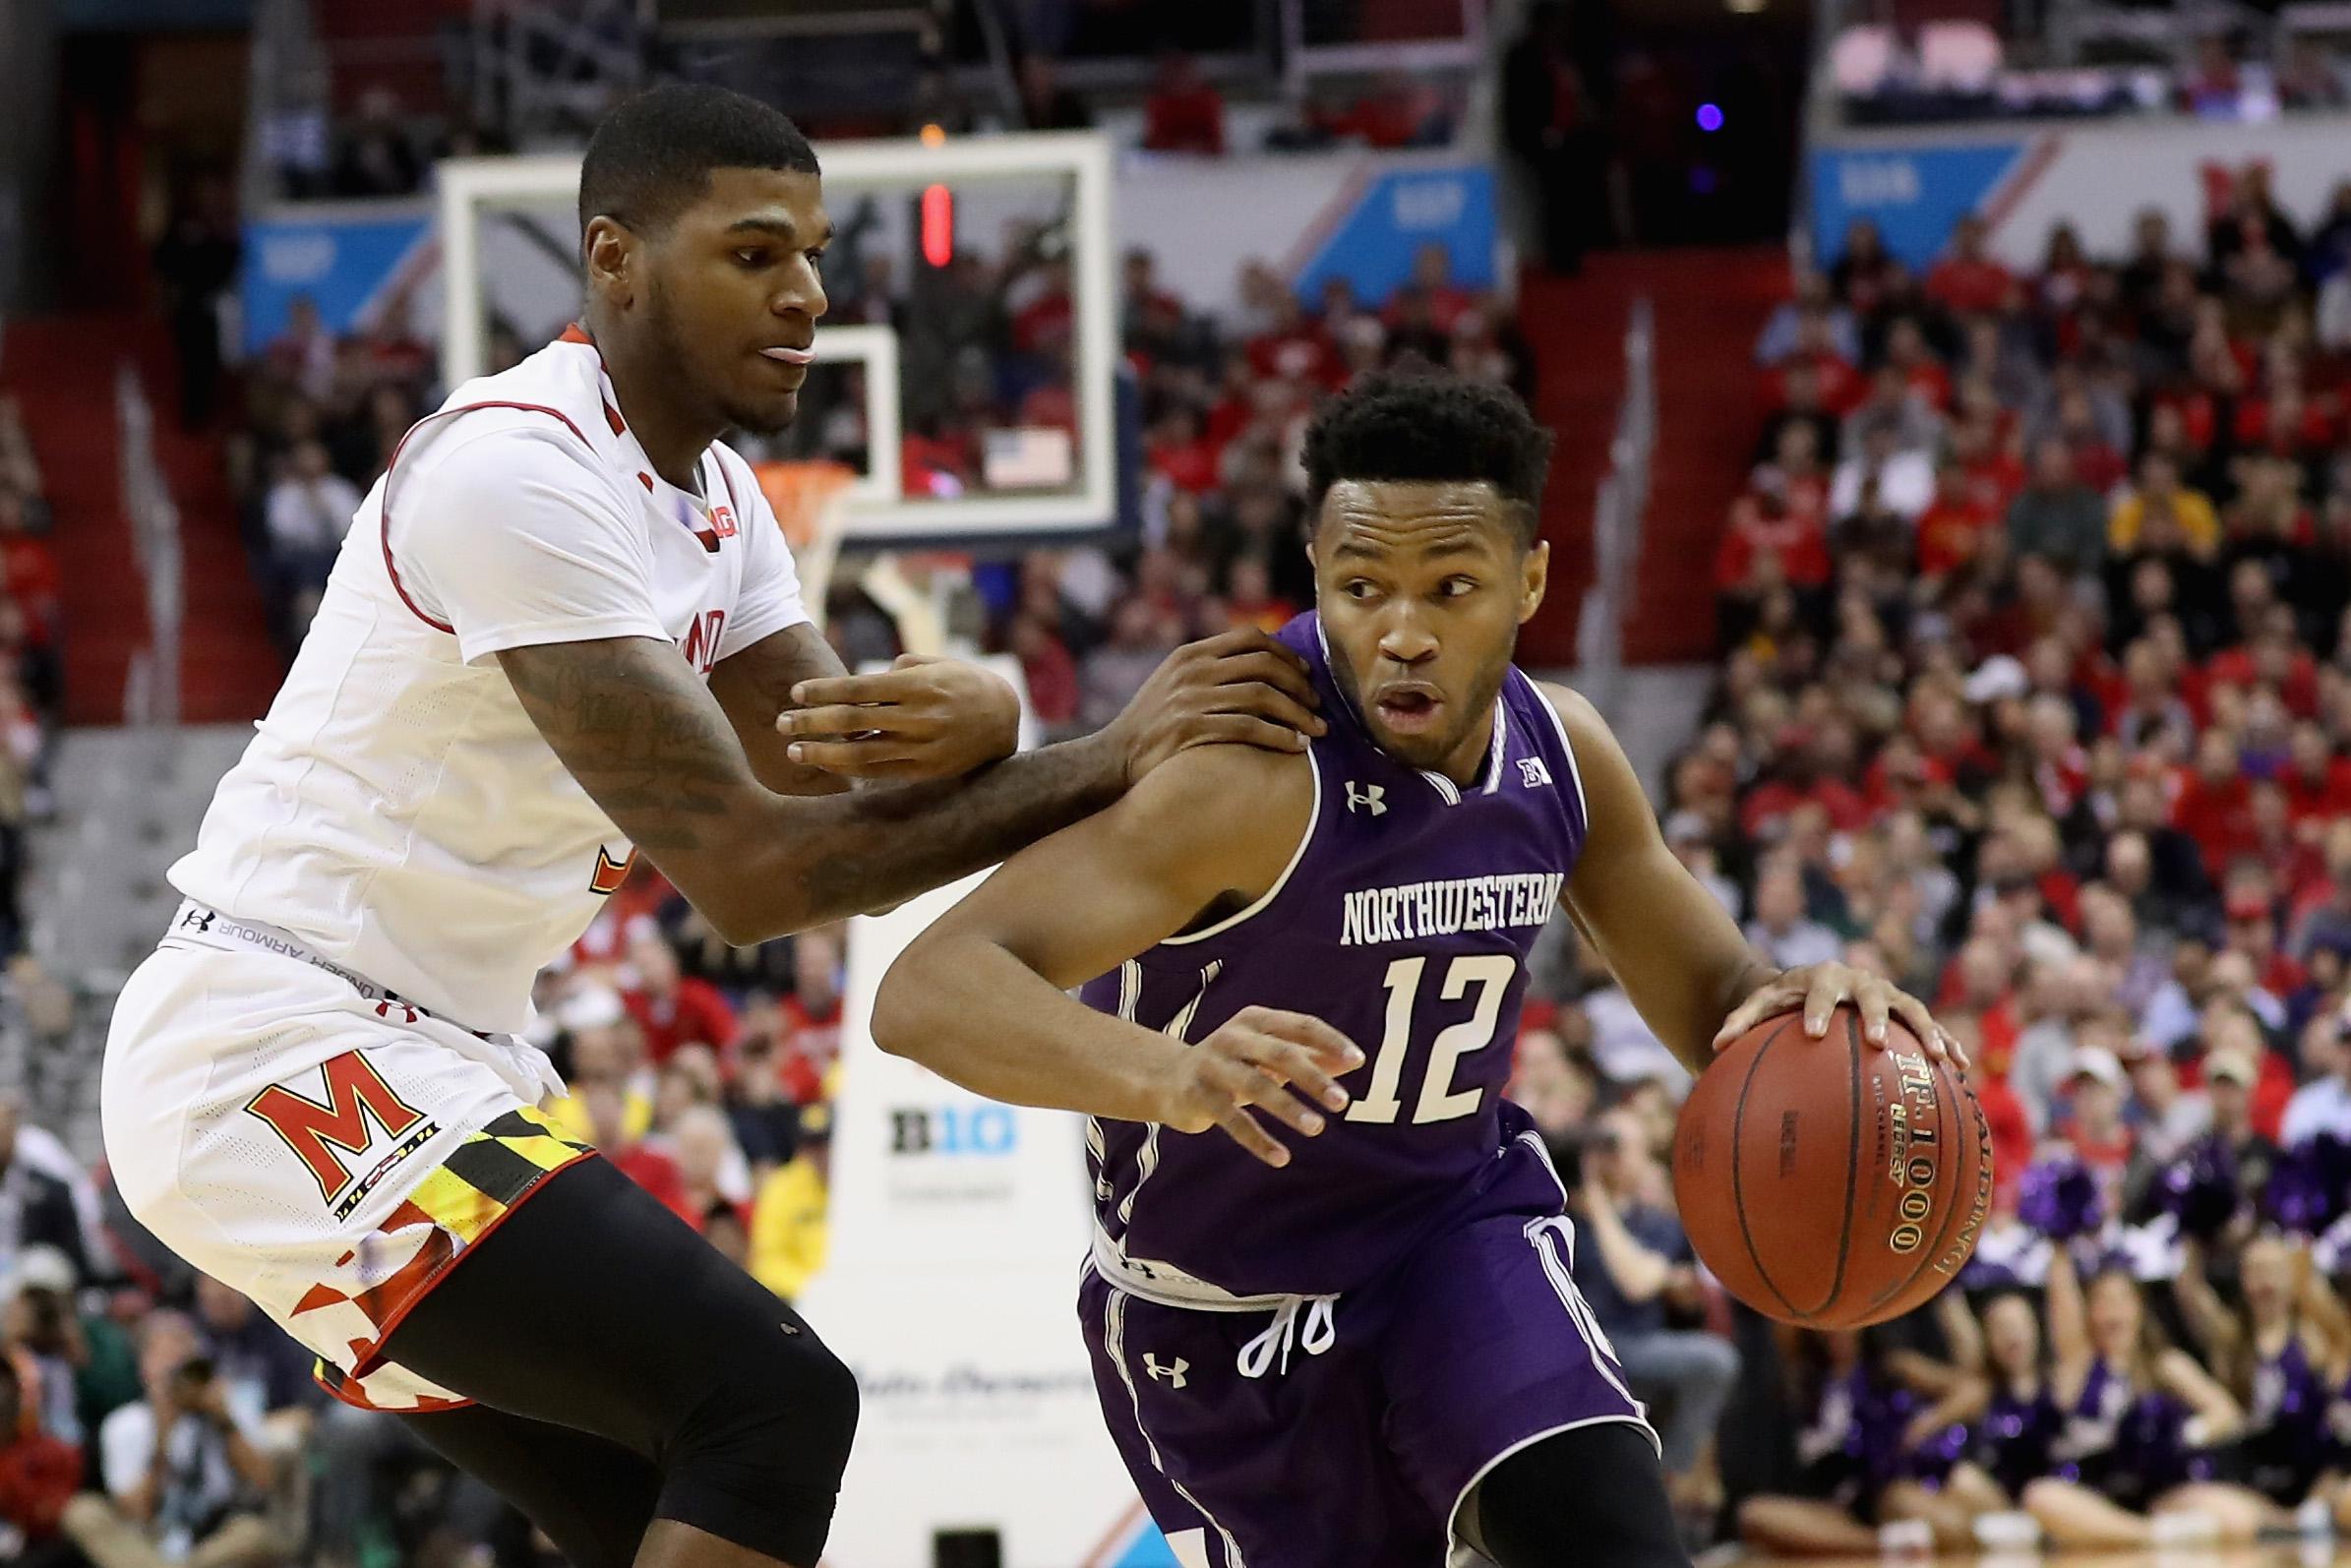 Kentucky Basketball 2017 18 Season Preview For The Wildcats: Northwestern Basketball: 2017-18 Season Preview For The